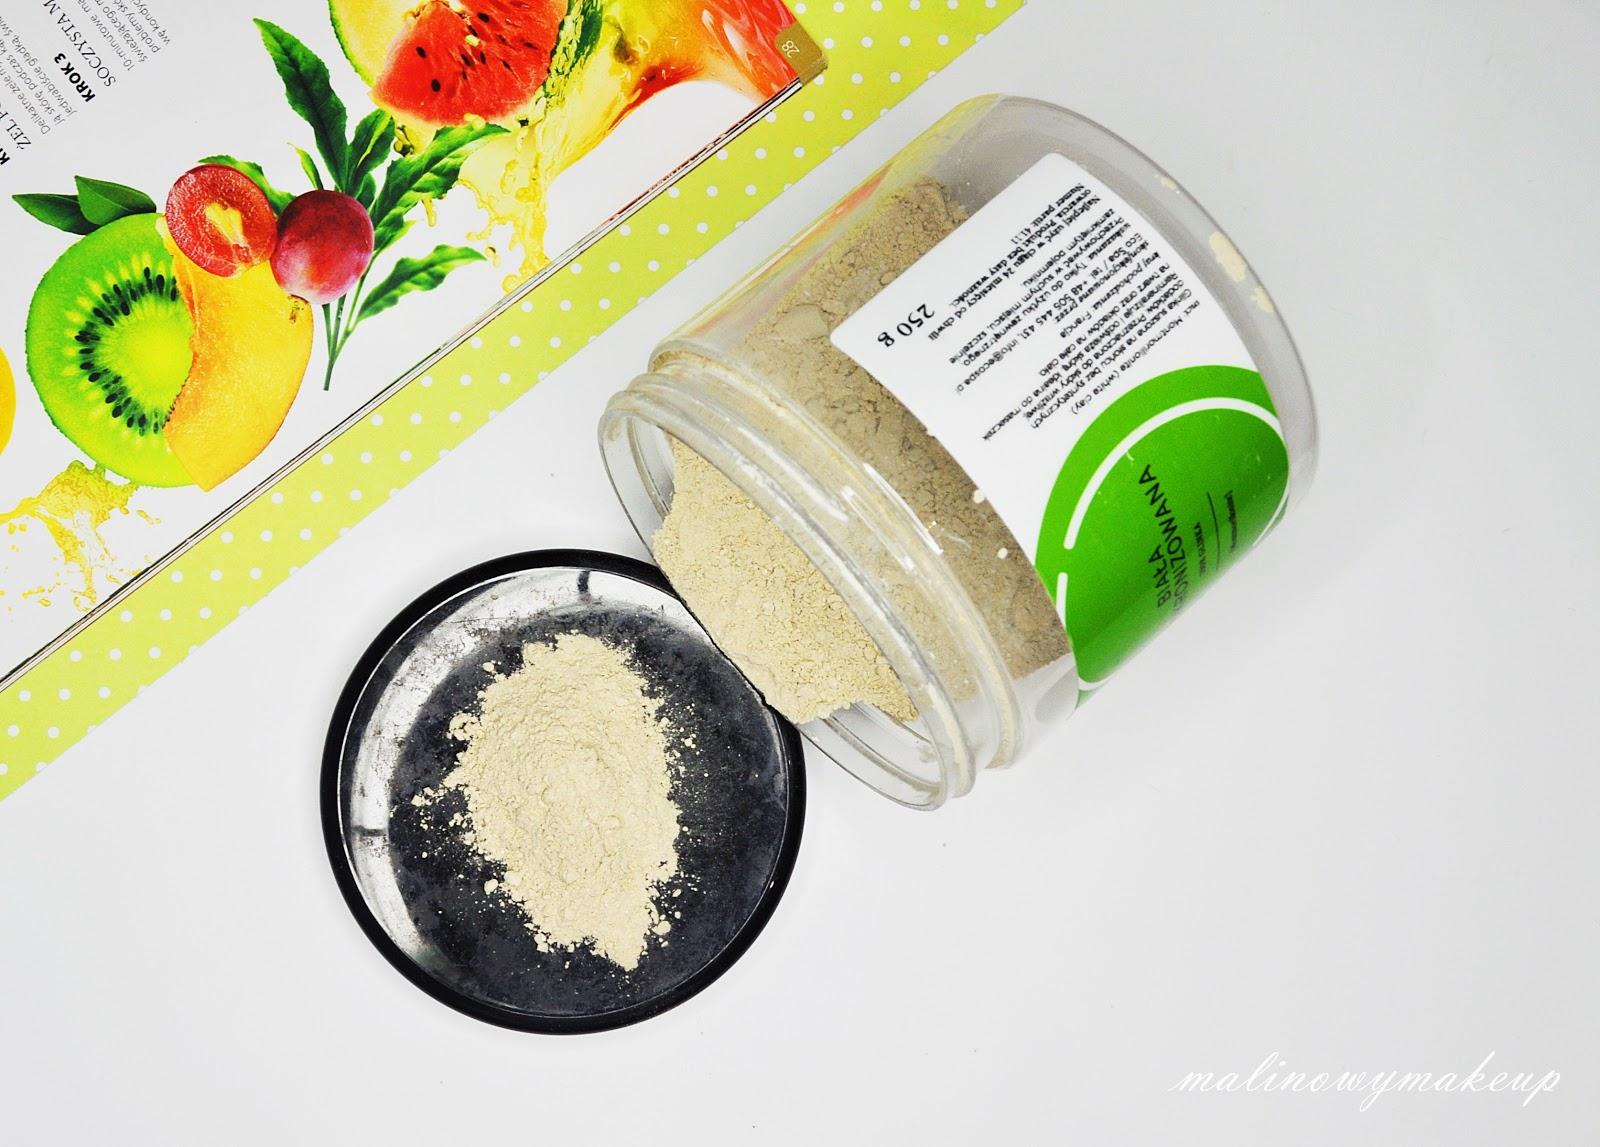 oczyszczanie twarzy glinką glinka zielona biała ecospa naturalna pielęgnacja